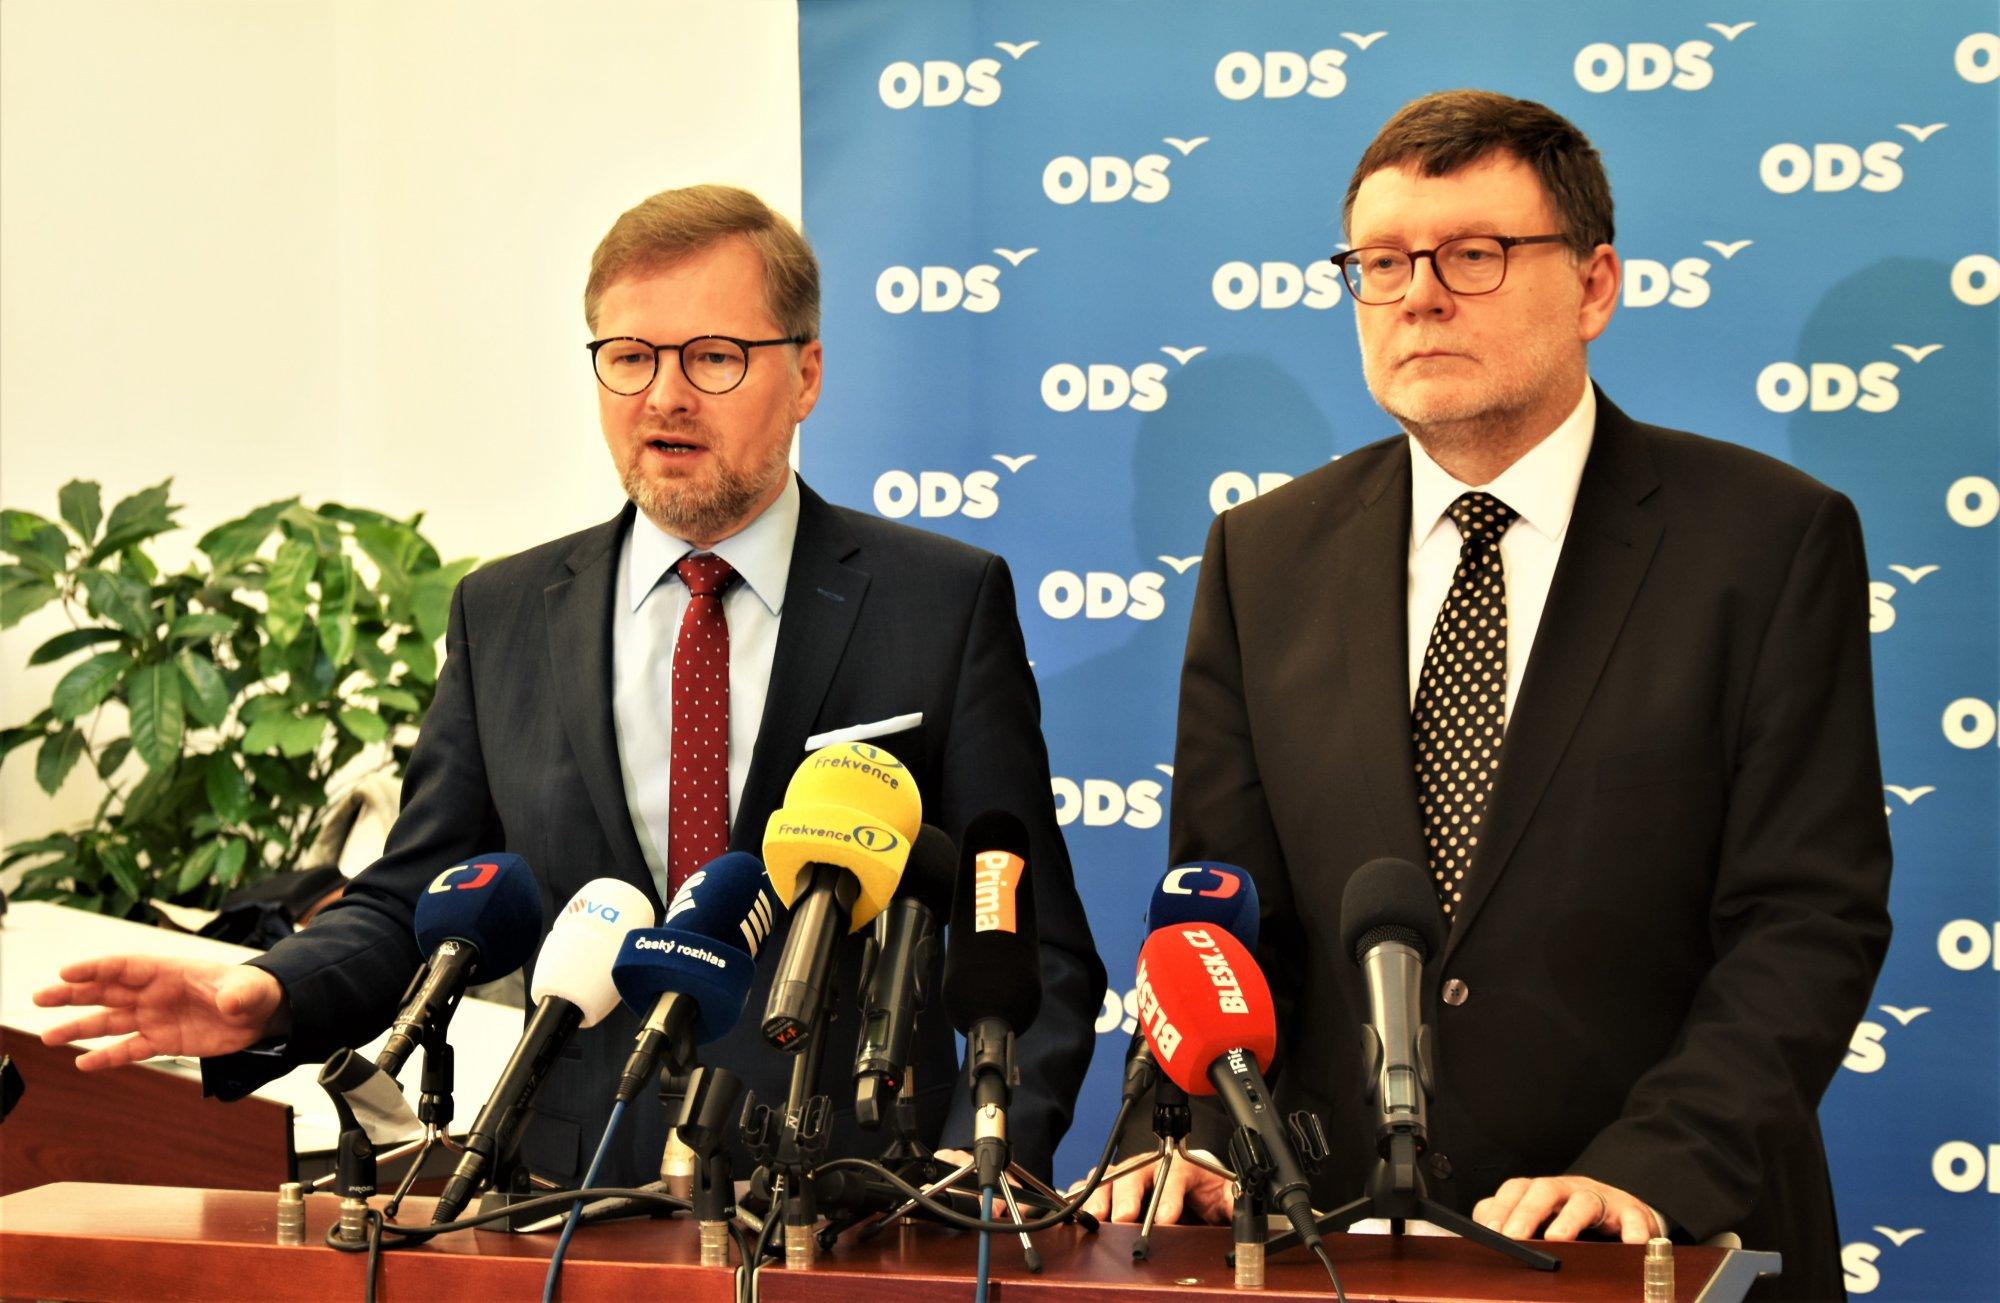 ODS: ANO mohlo odblokovat politickou situaci, místo toho zvolilo spolupráci s extremisty